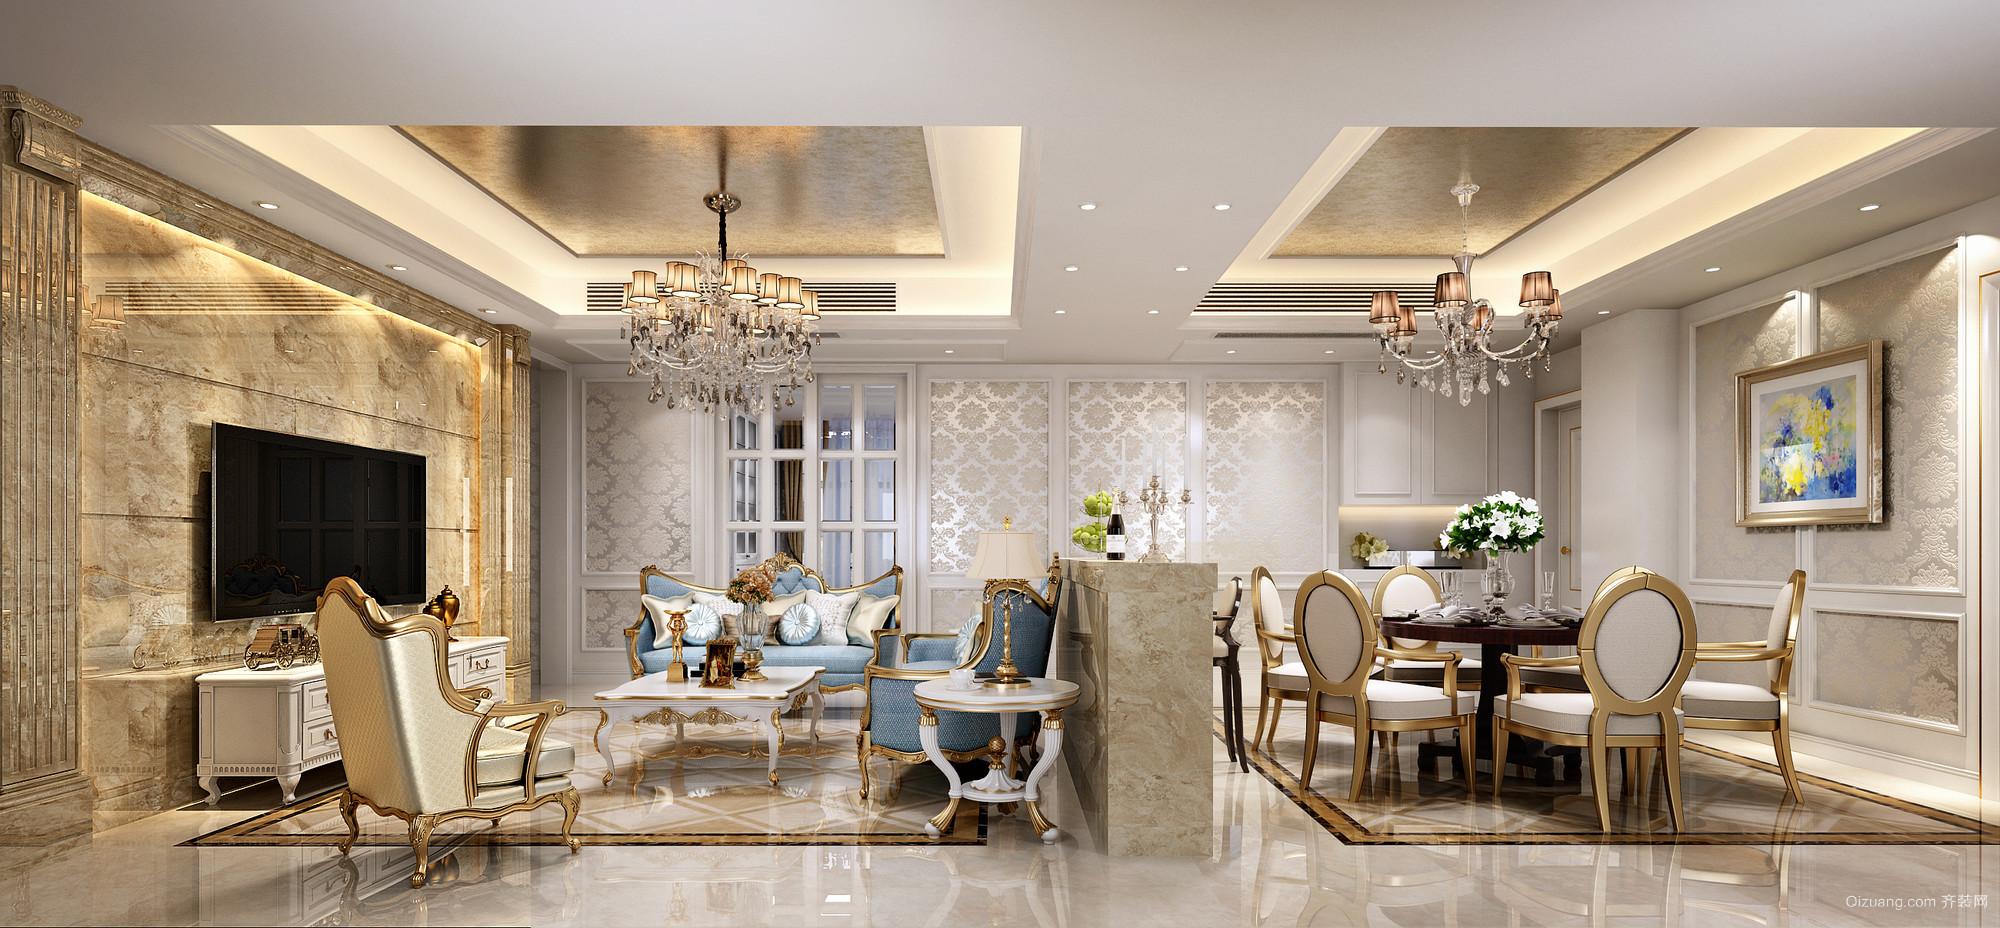 阳光凡尔赛宫欧式风格装修效果图实景图